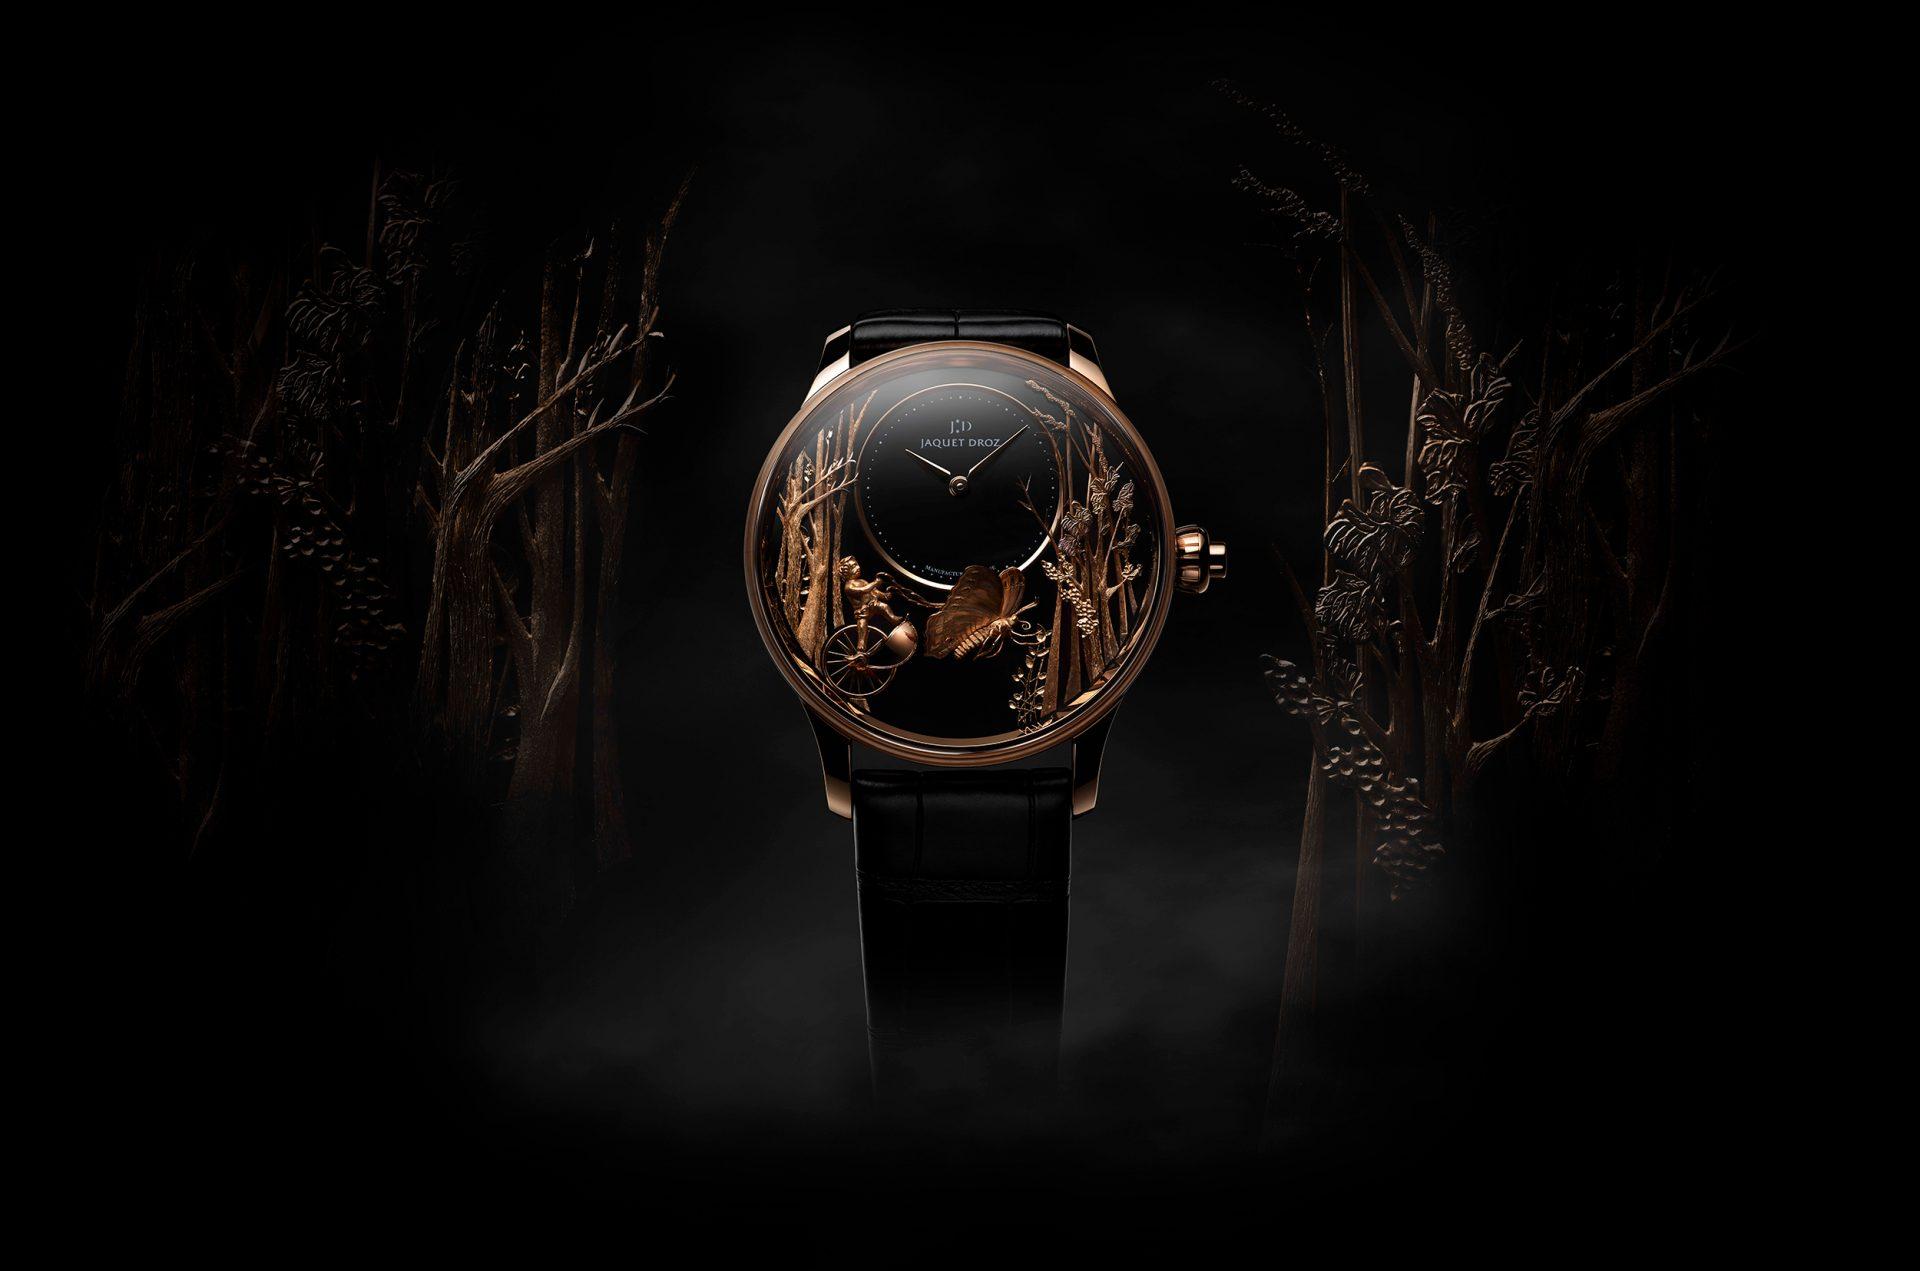 J032533270 LOVING BUTTERFLY AUTOMATON PUB 1 – Jaquet Droz Automaton Luxury Watch